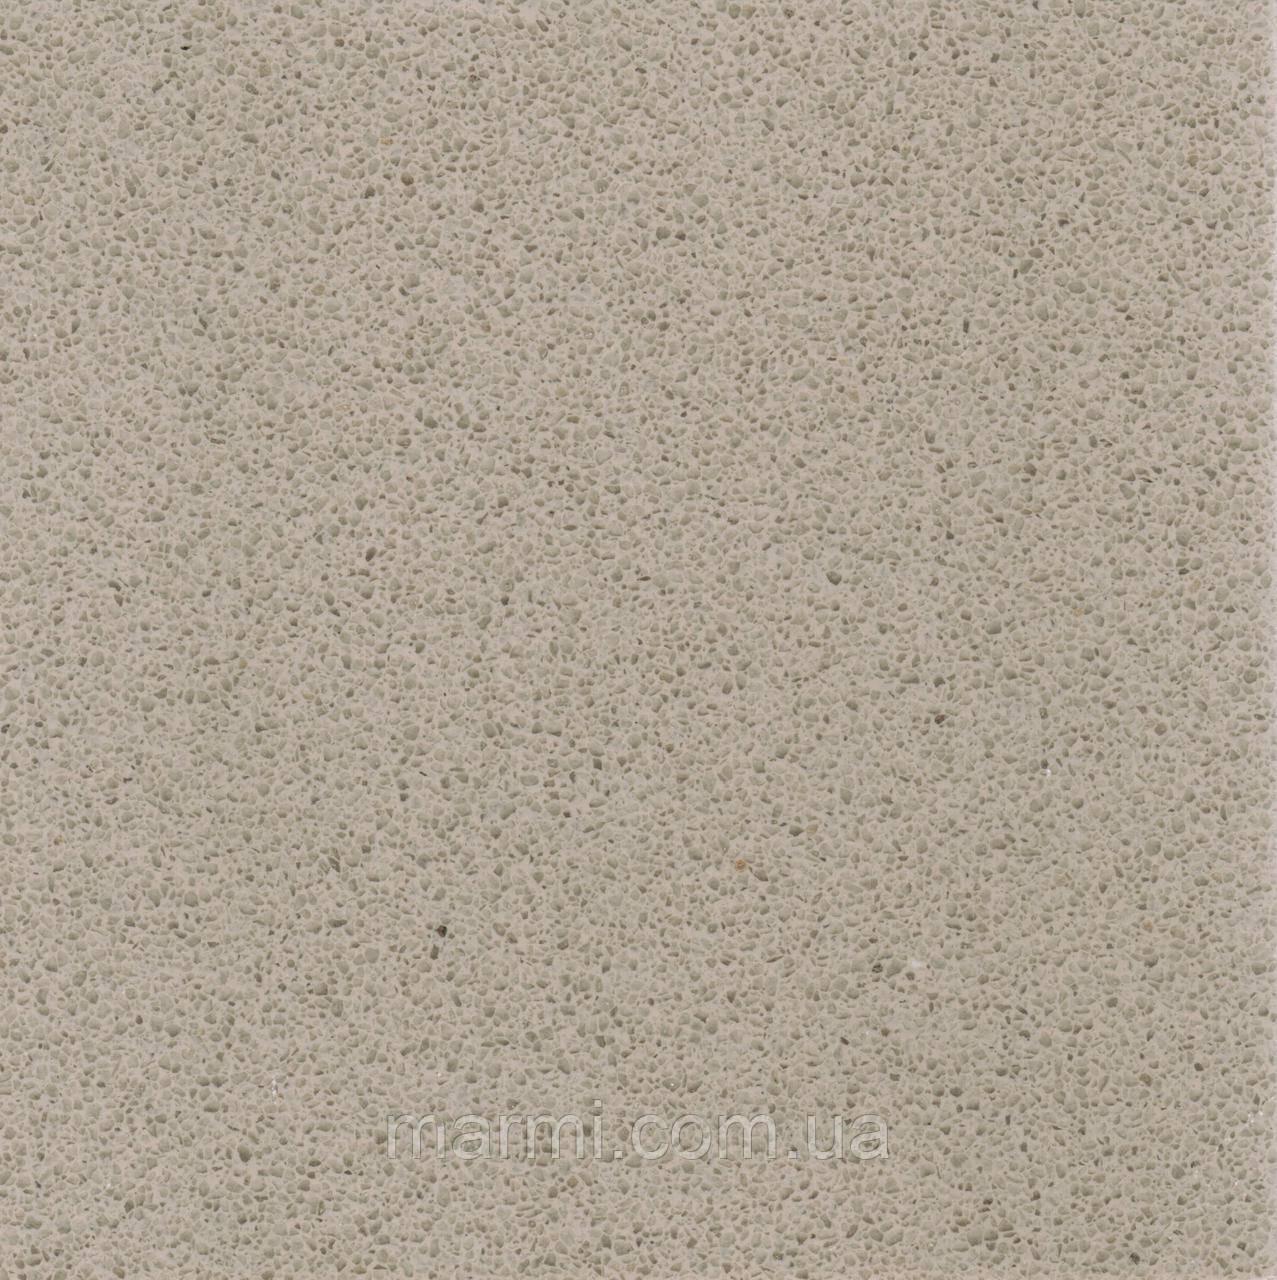 Кварцевый искусственный камень ATЕM Sand 003